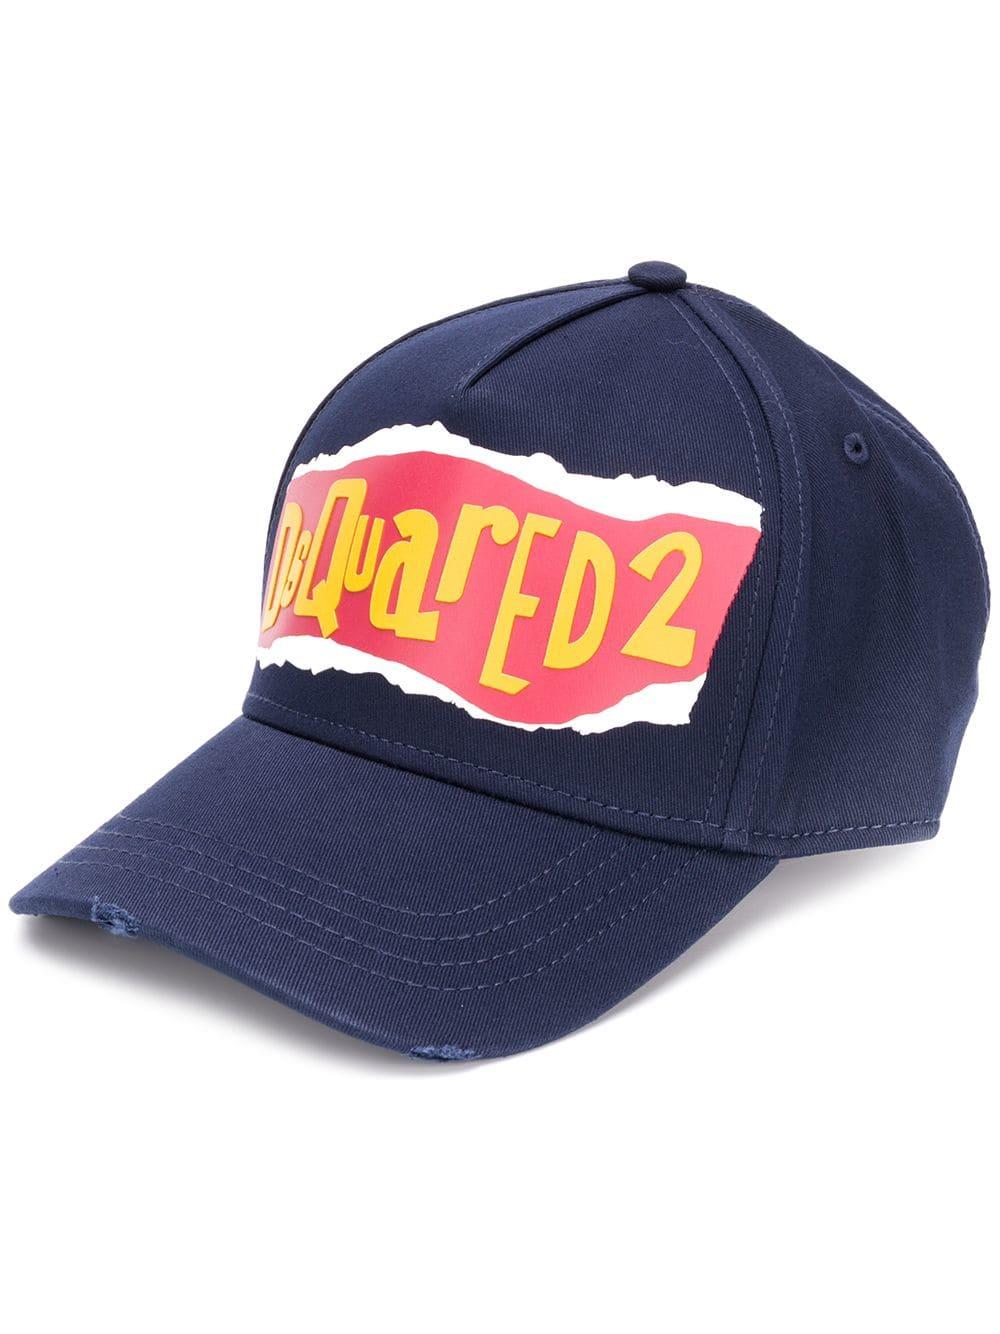 9908598b5ee28 Dsquared2 Baseball Cap - DSQUARED2 - Russocapri